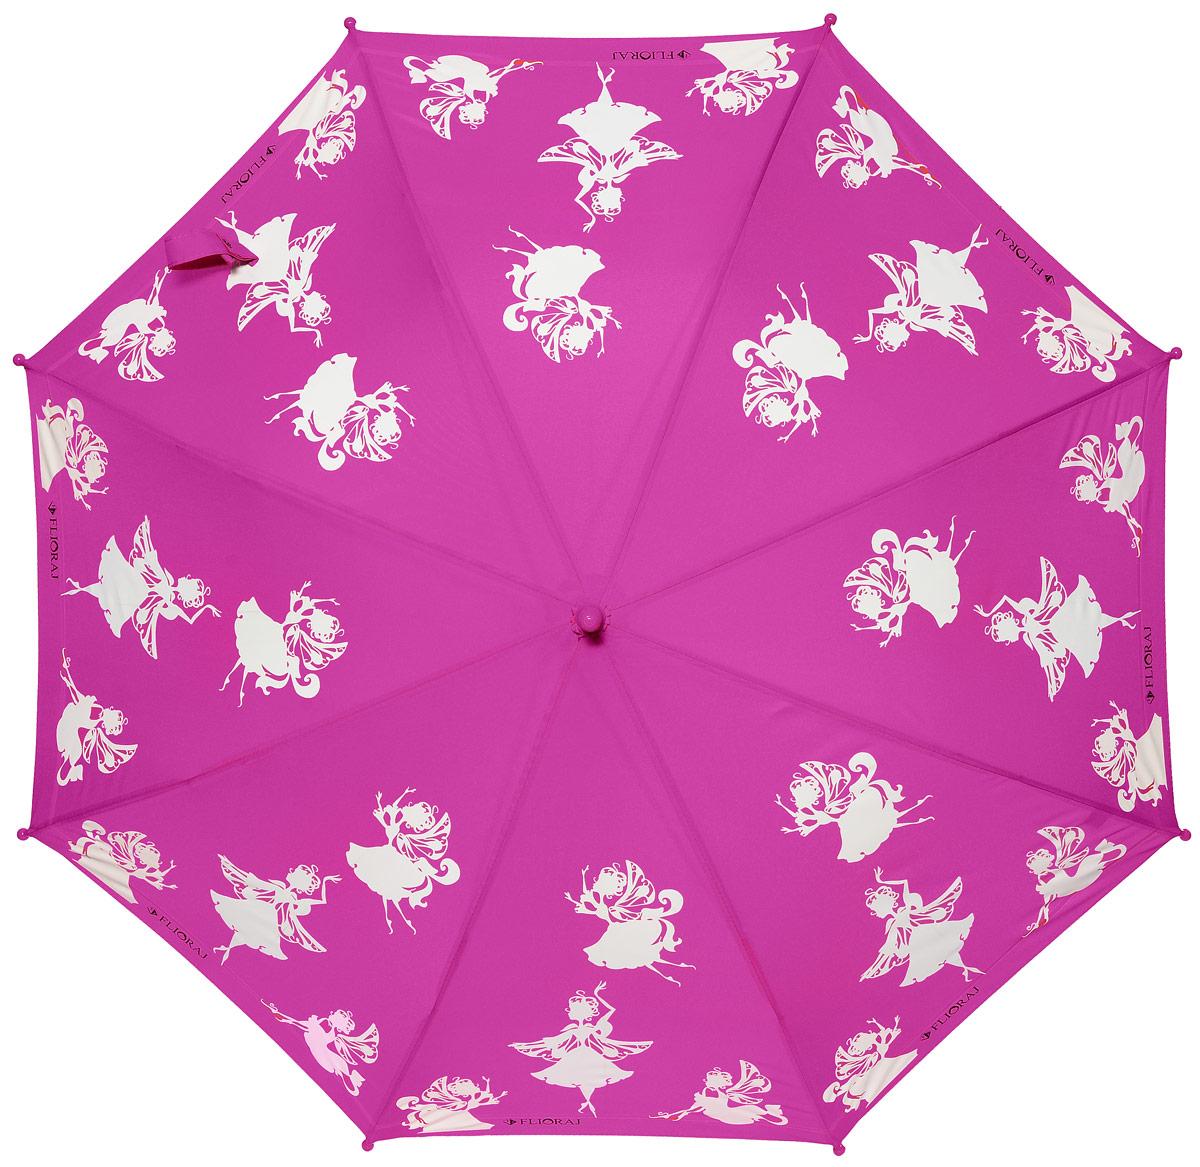 Зонт детский Flioraj, механика, трость, цвет: фуксия, белый. 0512033.7-12 navyОчаровательный зонт для детей доступен в нескольких расцветках. Маленькие феи будто случайно спустились на зонт и теперь кружатся в радужном танце. При намокании рисунок становится цветным. Зонт обязательно понравится вам и вашему ребенку! Предназначен для детей младшего и среднего школьного возраста. Безопасная технология открывания и закрывания. Спицы зонта изготовлены из долговечного, но легкого фибергласса, что делает зонт ветроустойчивым и прочным.